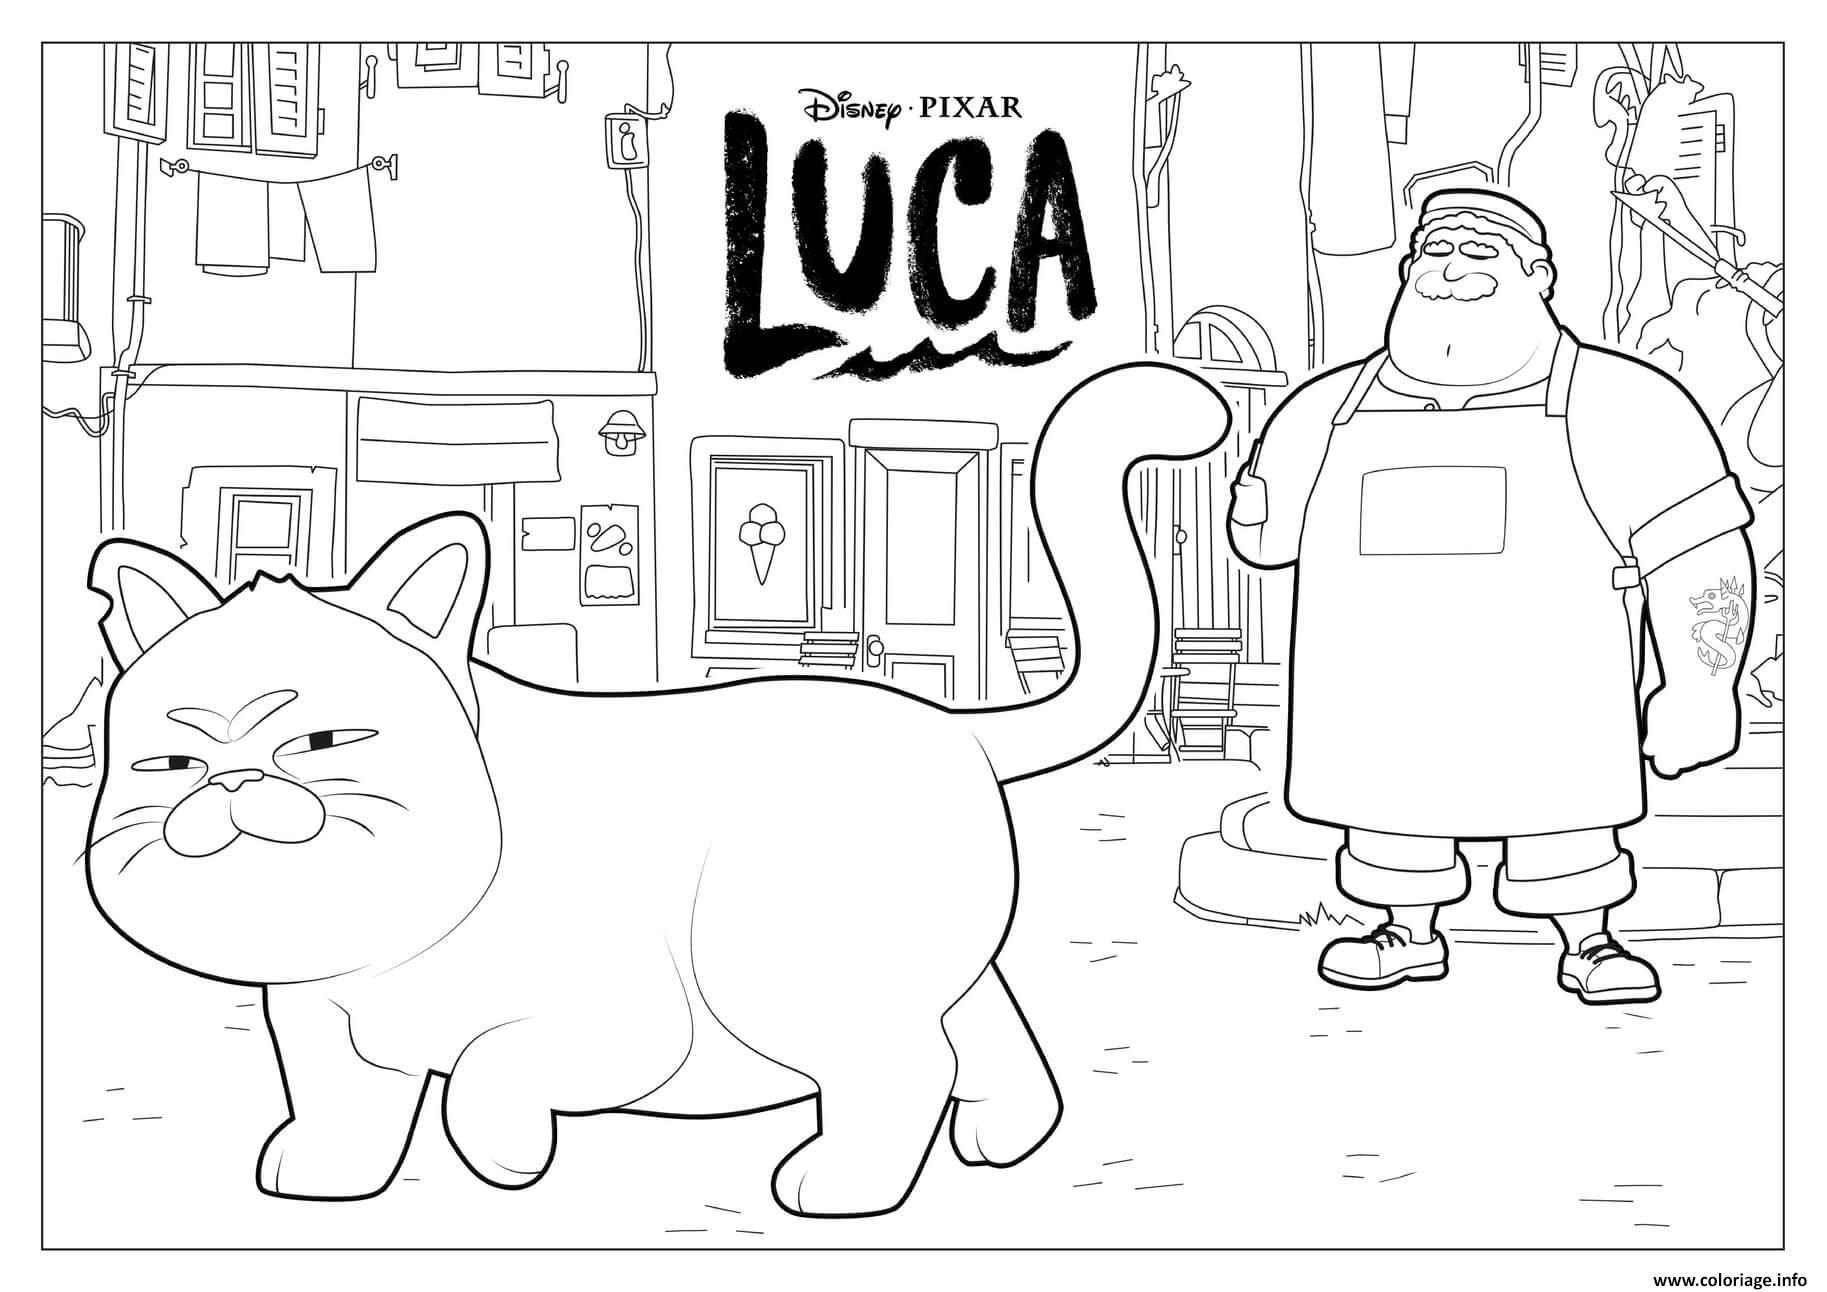 Dessin le chat du film de luca disney Coloriage Gratuit à Imprimer